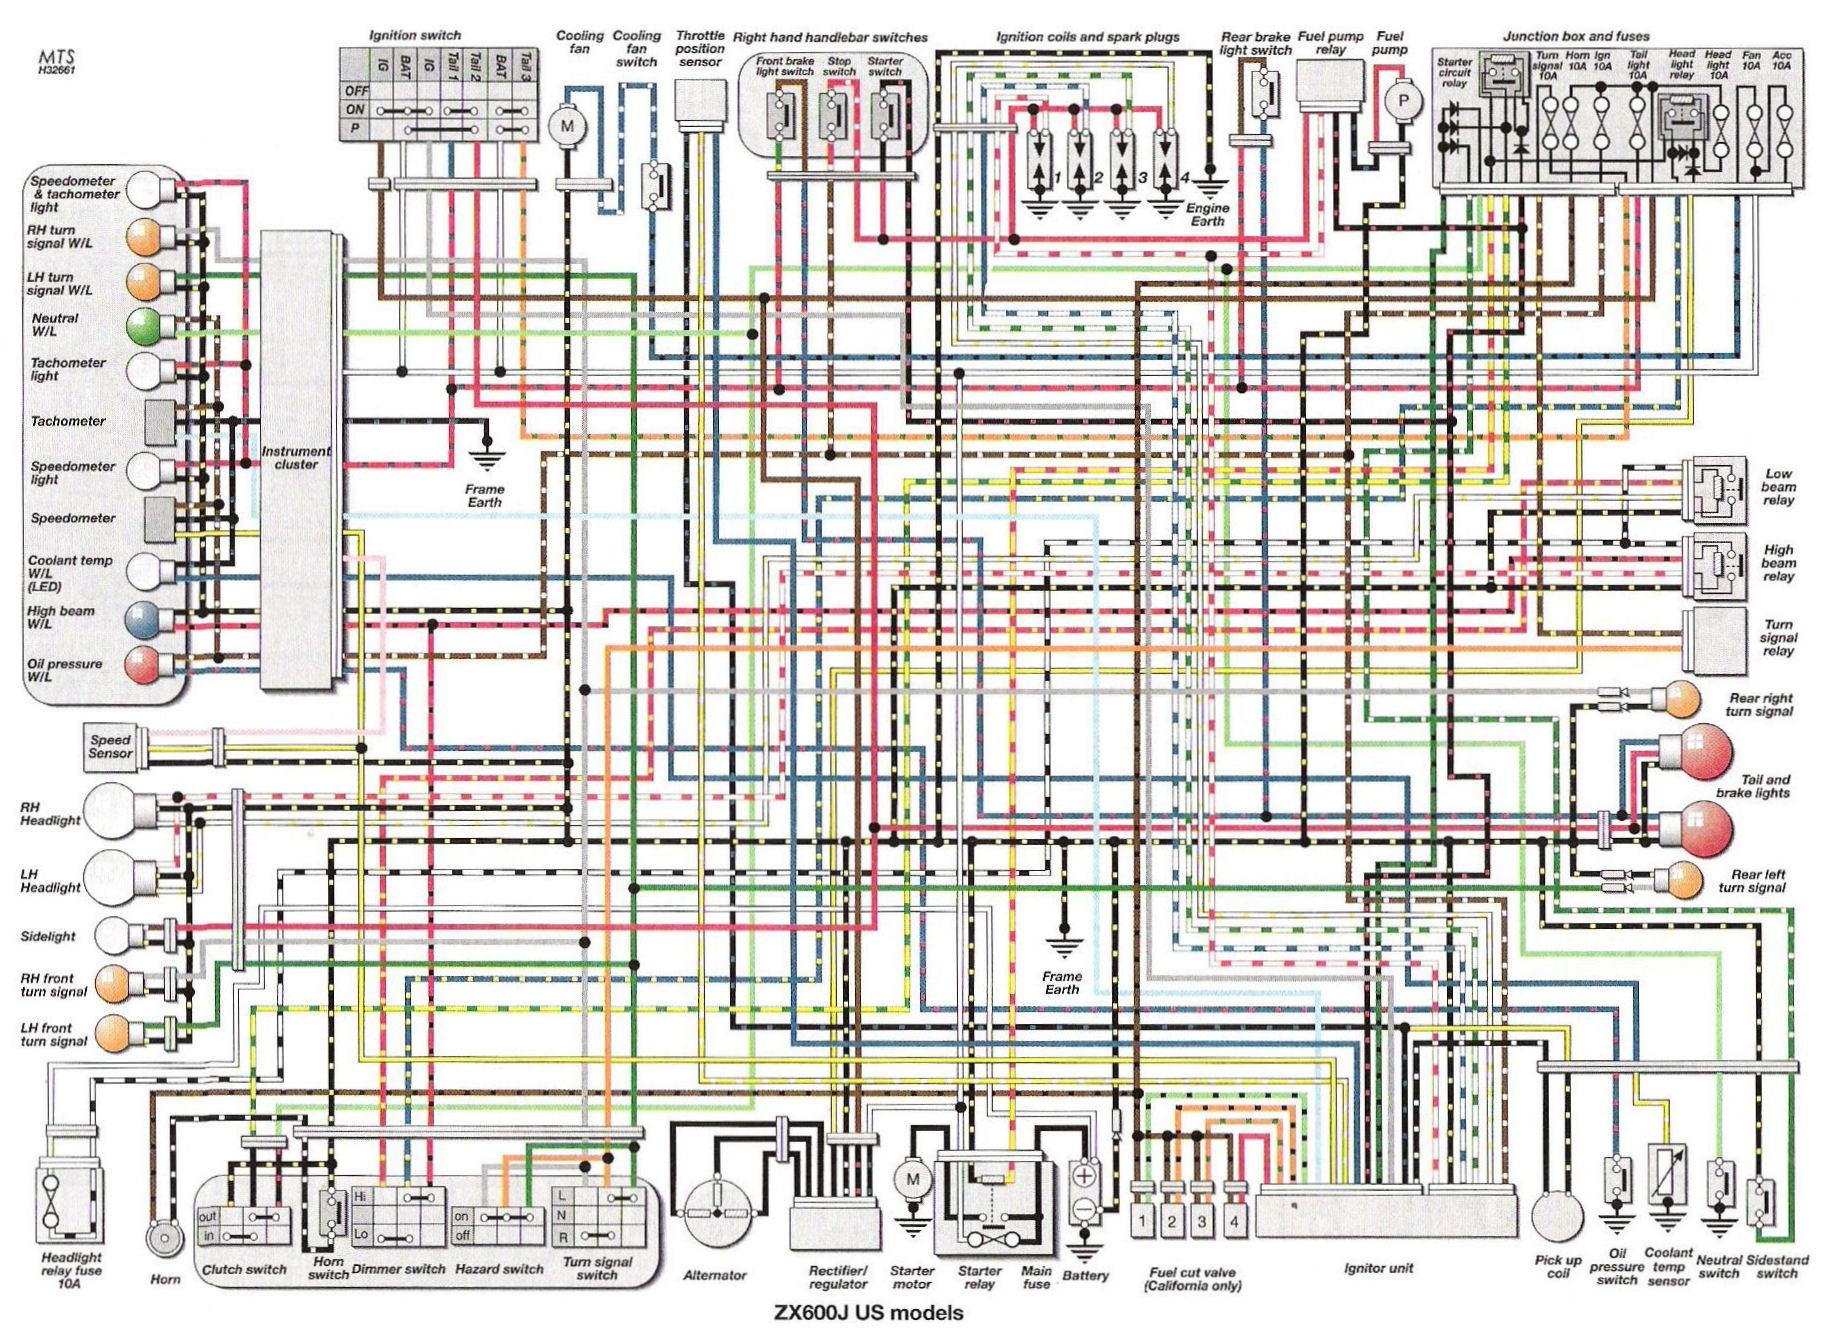 2006 yamaha fzr wiring diagram wiring diagram rh 25 sandroviletta ch